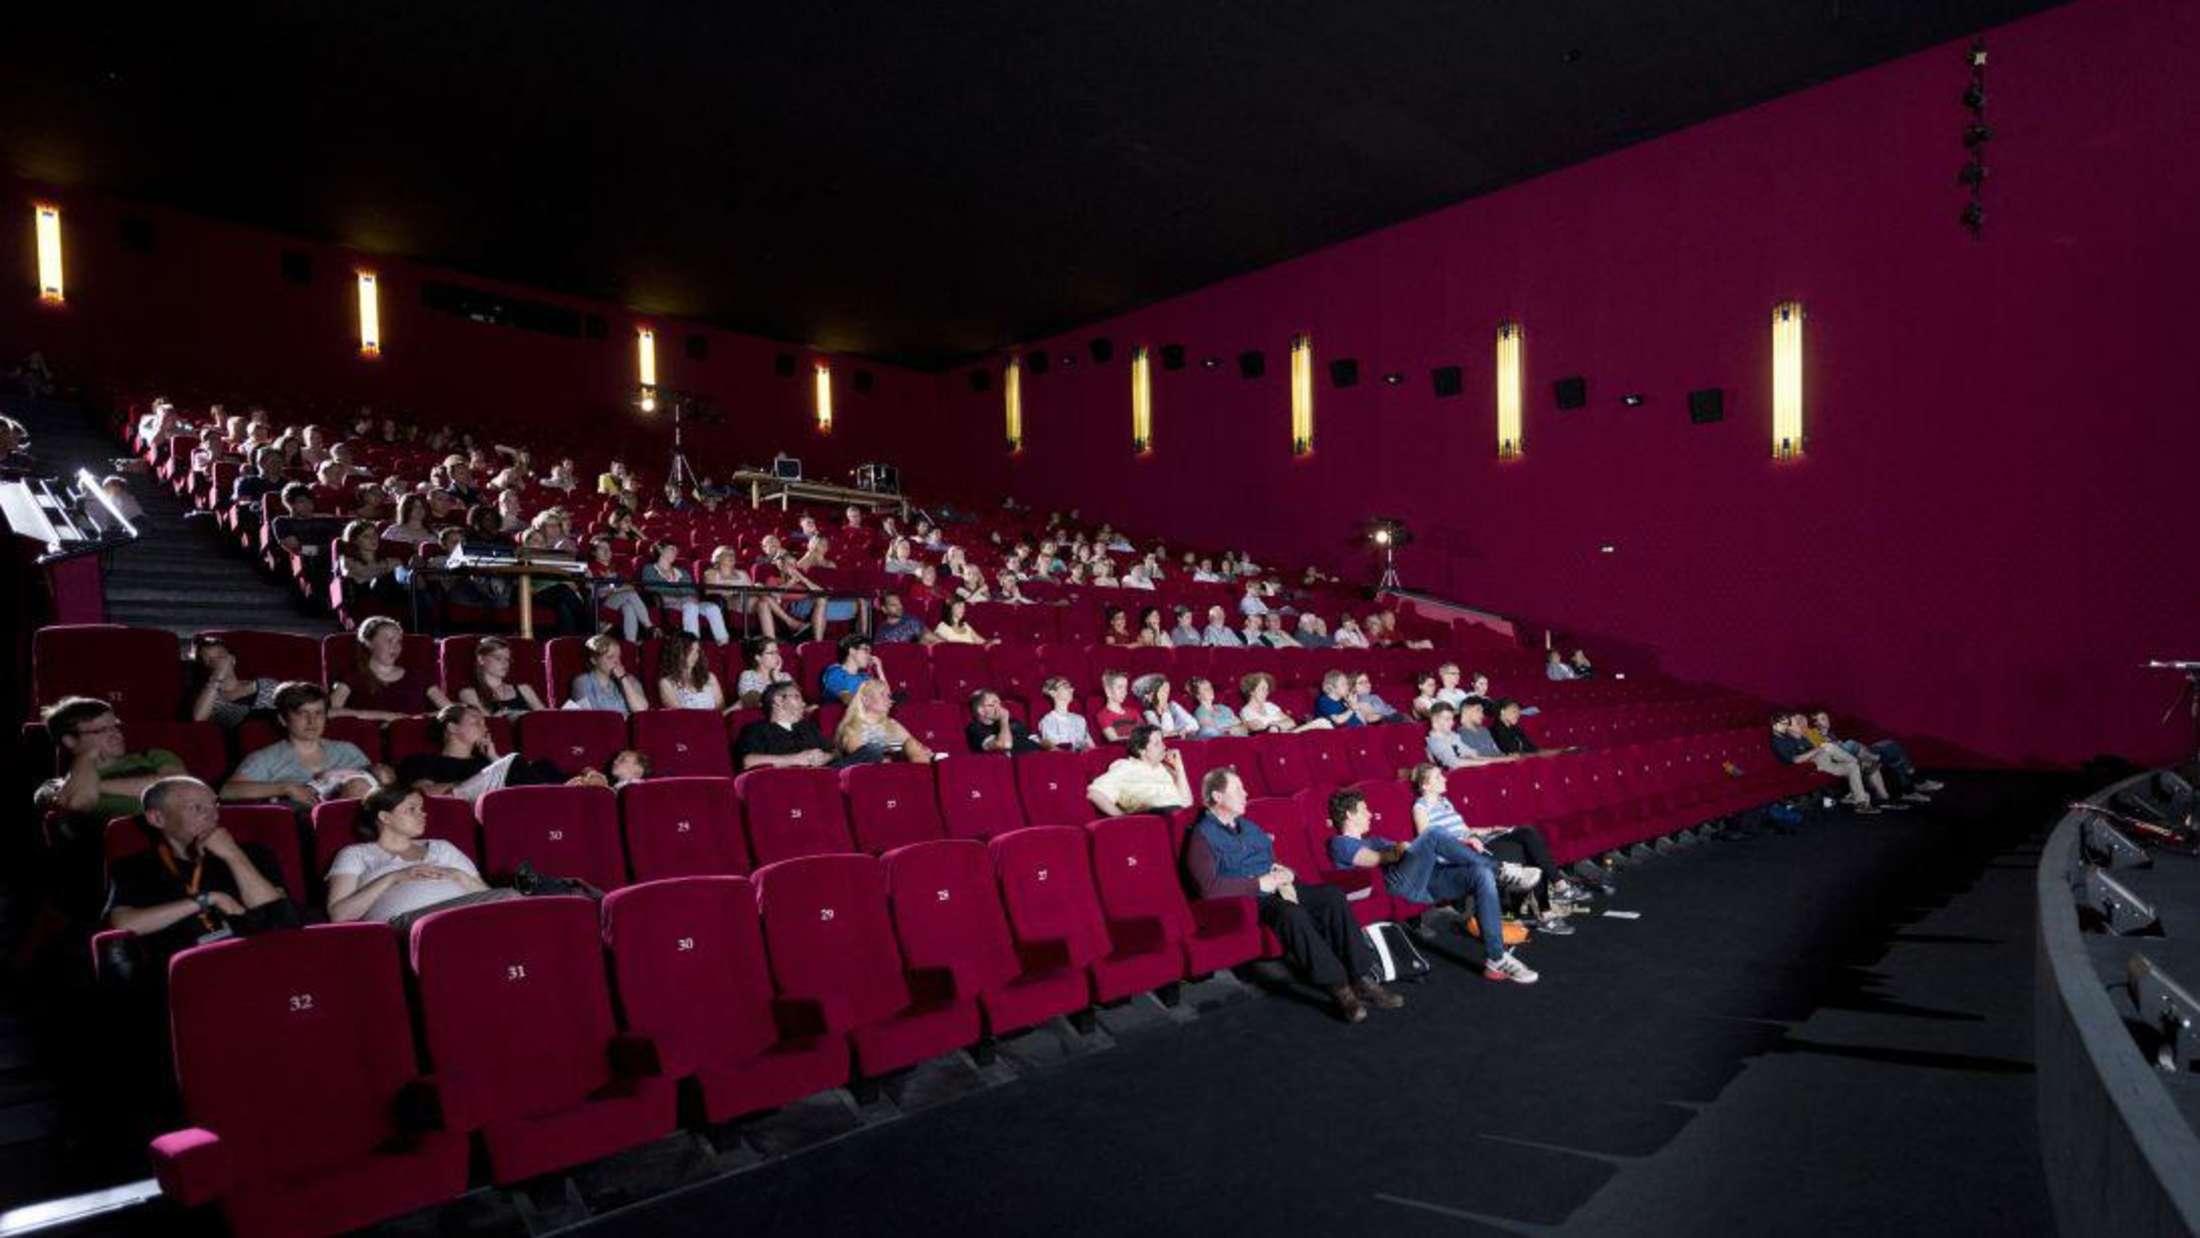 Ihr habt im Kino immer falsch gesessen, sagt Visualtrainer